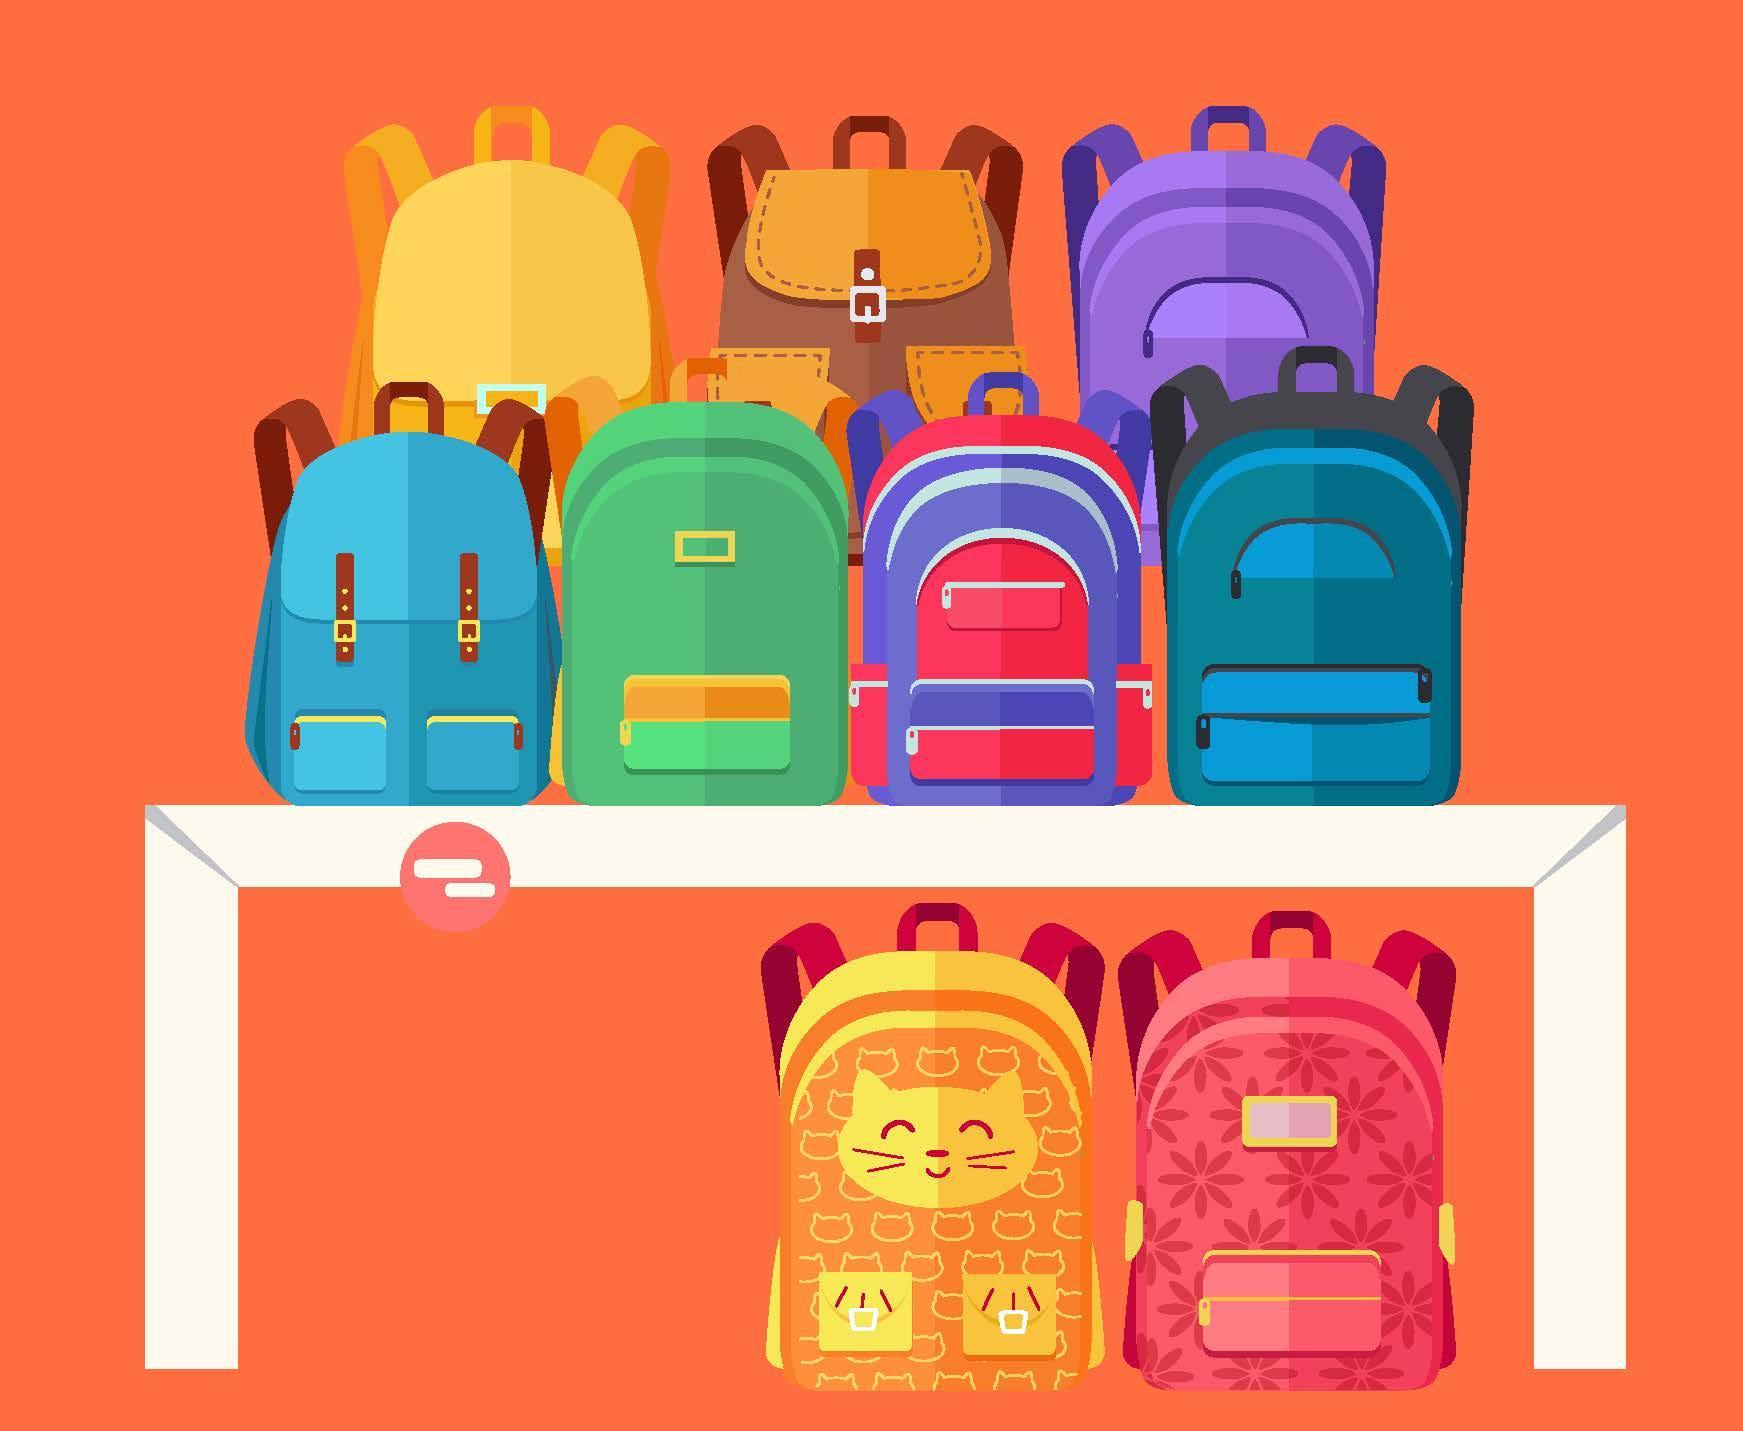 Kangasala järjestää iltapäivätoimintaa ensisijaisesti ensimmäisen luokan oppilaille ja erityistä tukea tarvitseville lapsille. Jos ryhmiin jää tilaa, niihin voidaan ottaa myös kakkosluokkalaisia. Kuva: Iclipart